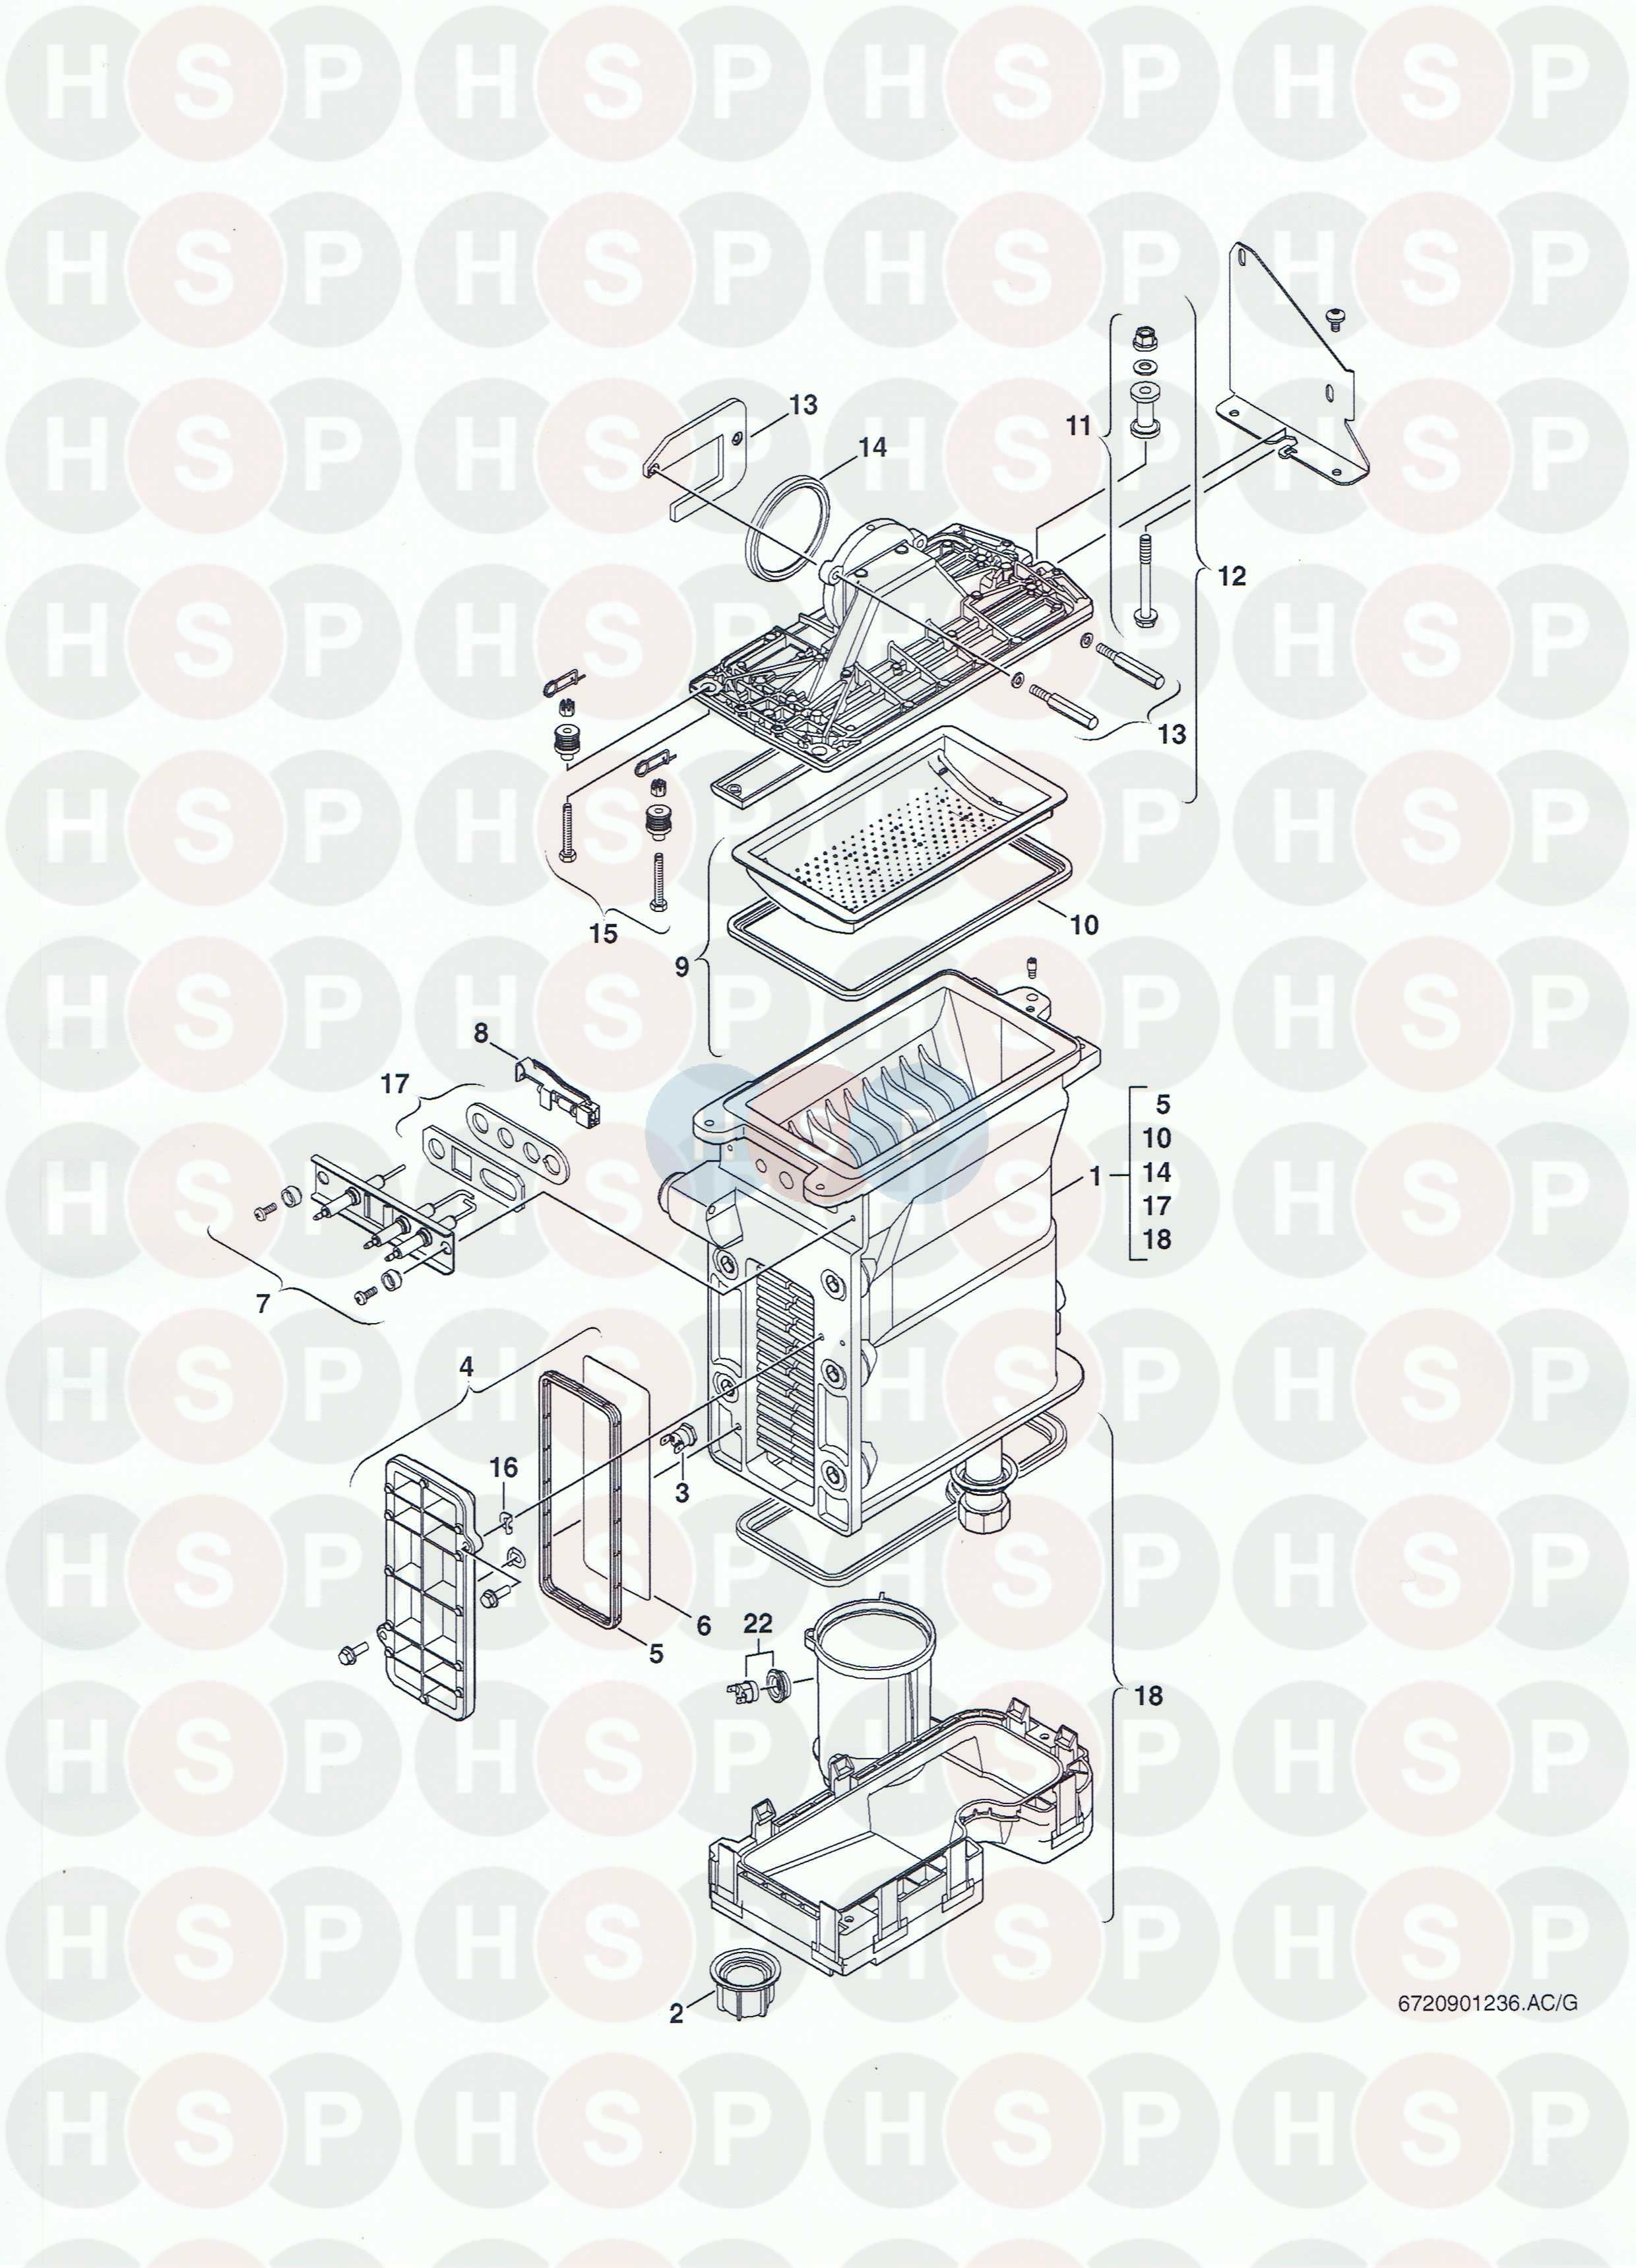 Worcester GREENSTAR 25 HE COMBI Appliance Diagram (BURNER